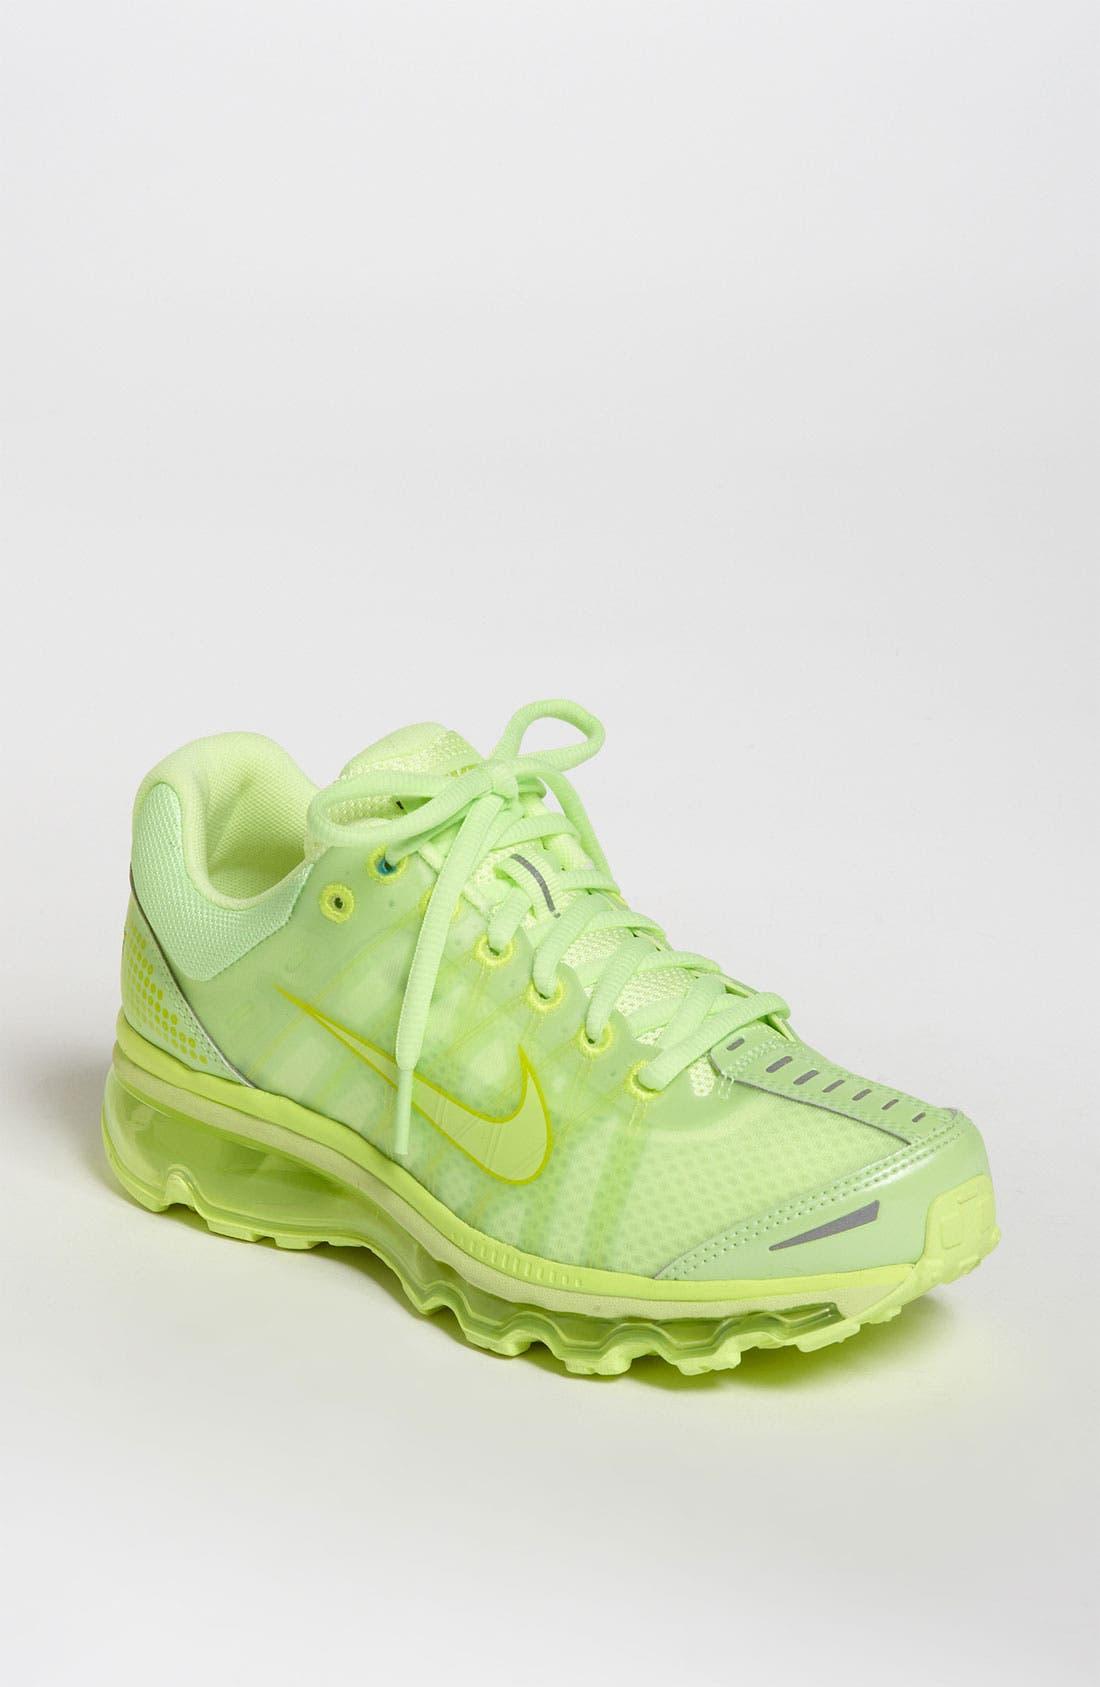 Alternate Image 1 Selected - Nike 'Air Max+ 2009' Sneaker (Women)